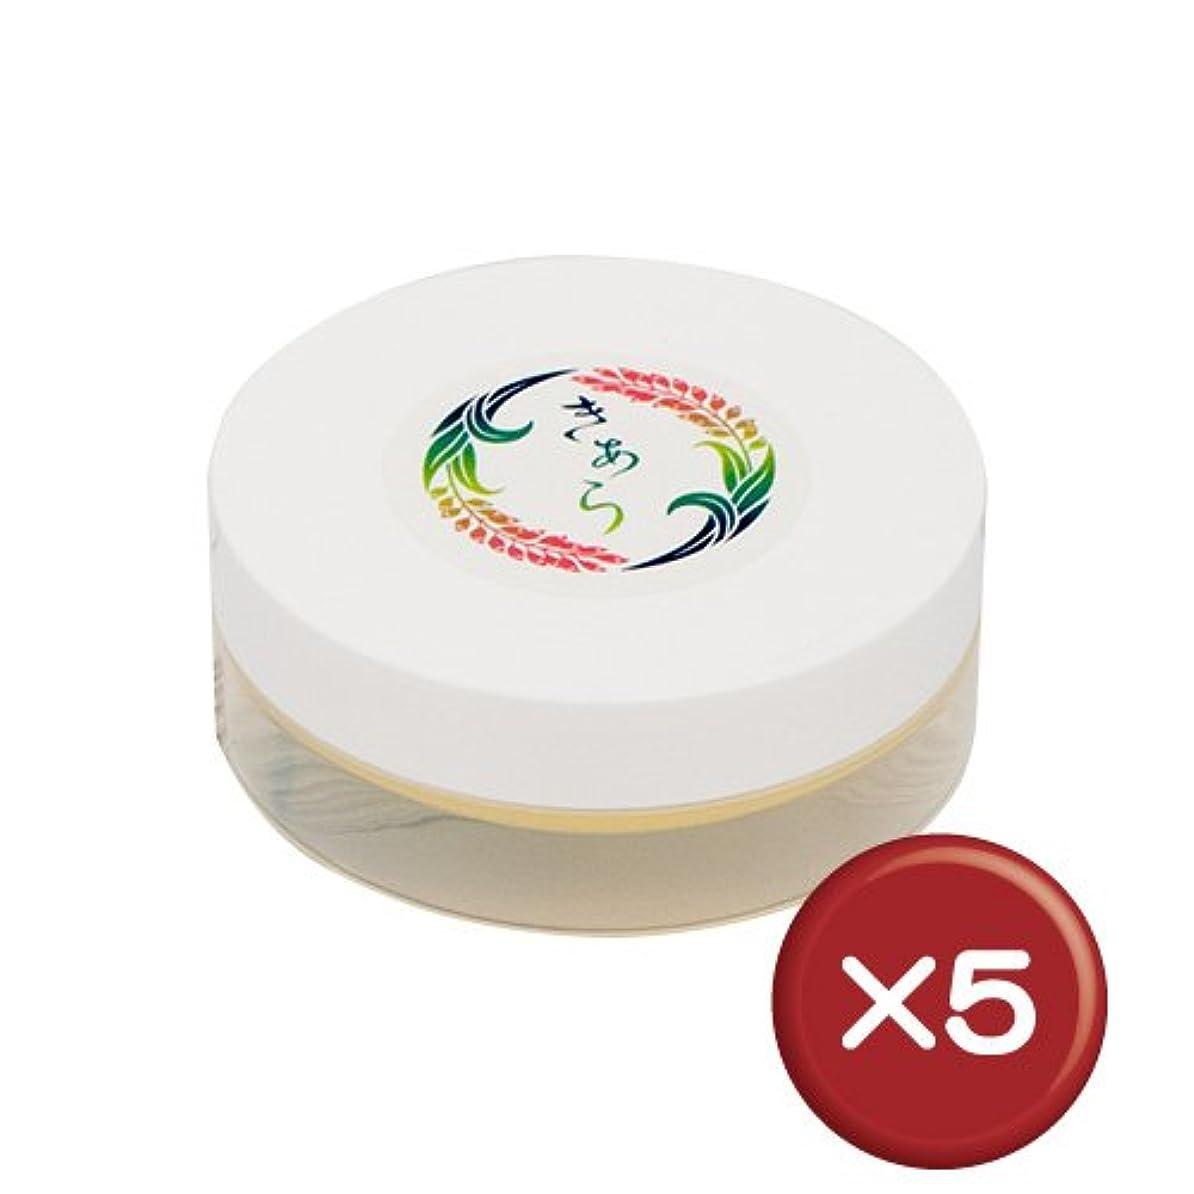 月桃精油入りミツロウクリーム 5個セット